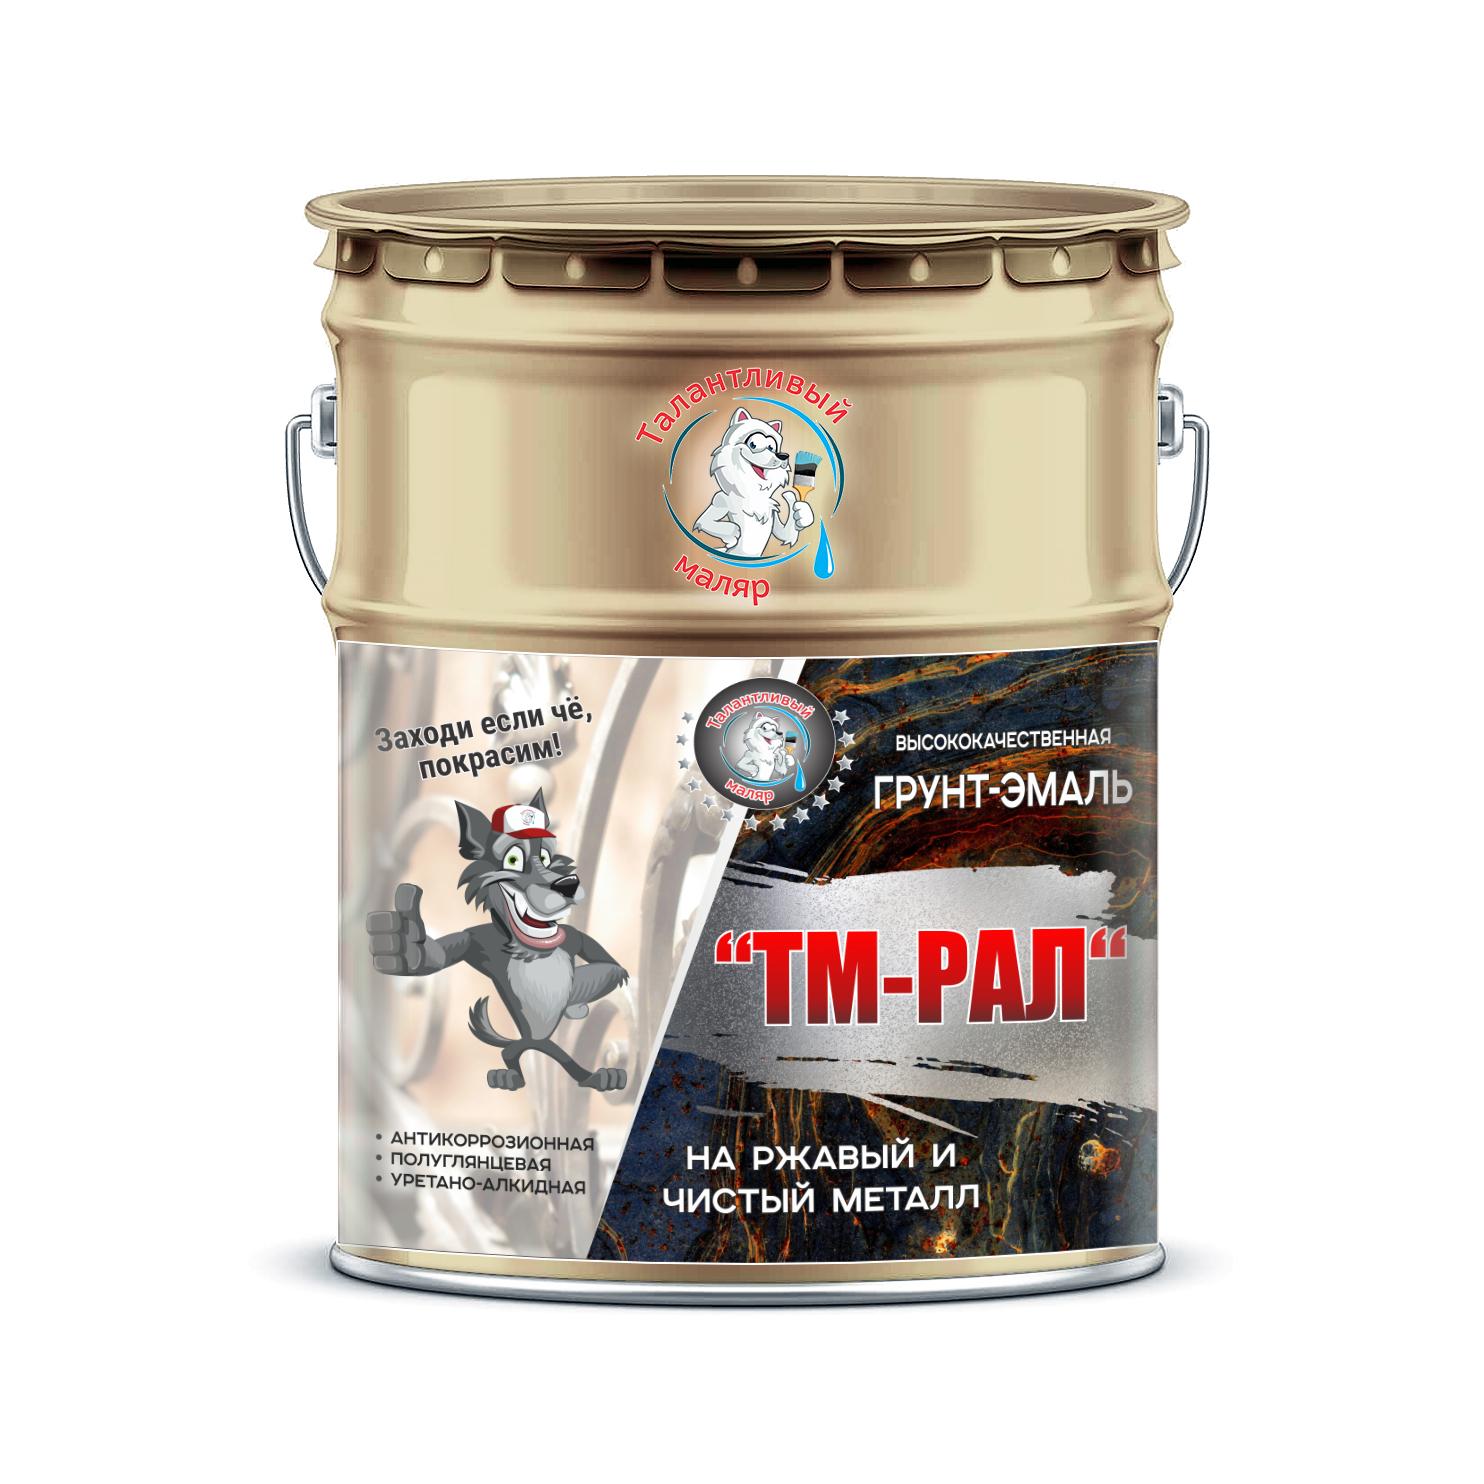 """Фото 12 - TM1014 Грунт-Эмаль """"ТМ РАЛ"""" уретано-алкидная 3 в 1 цвет RAL 1014 Слоновая кость, антикоррозионная,  полуглянцевая для черных металлов, 20 кг """"Талантливый маляр""""."""